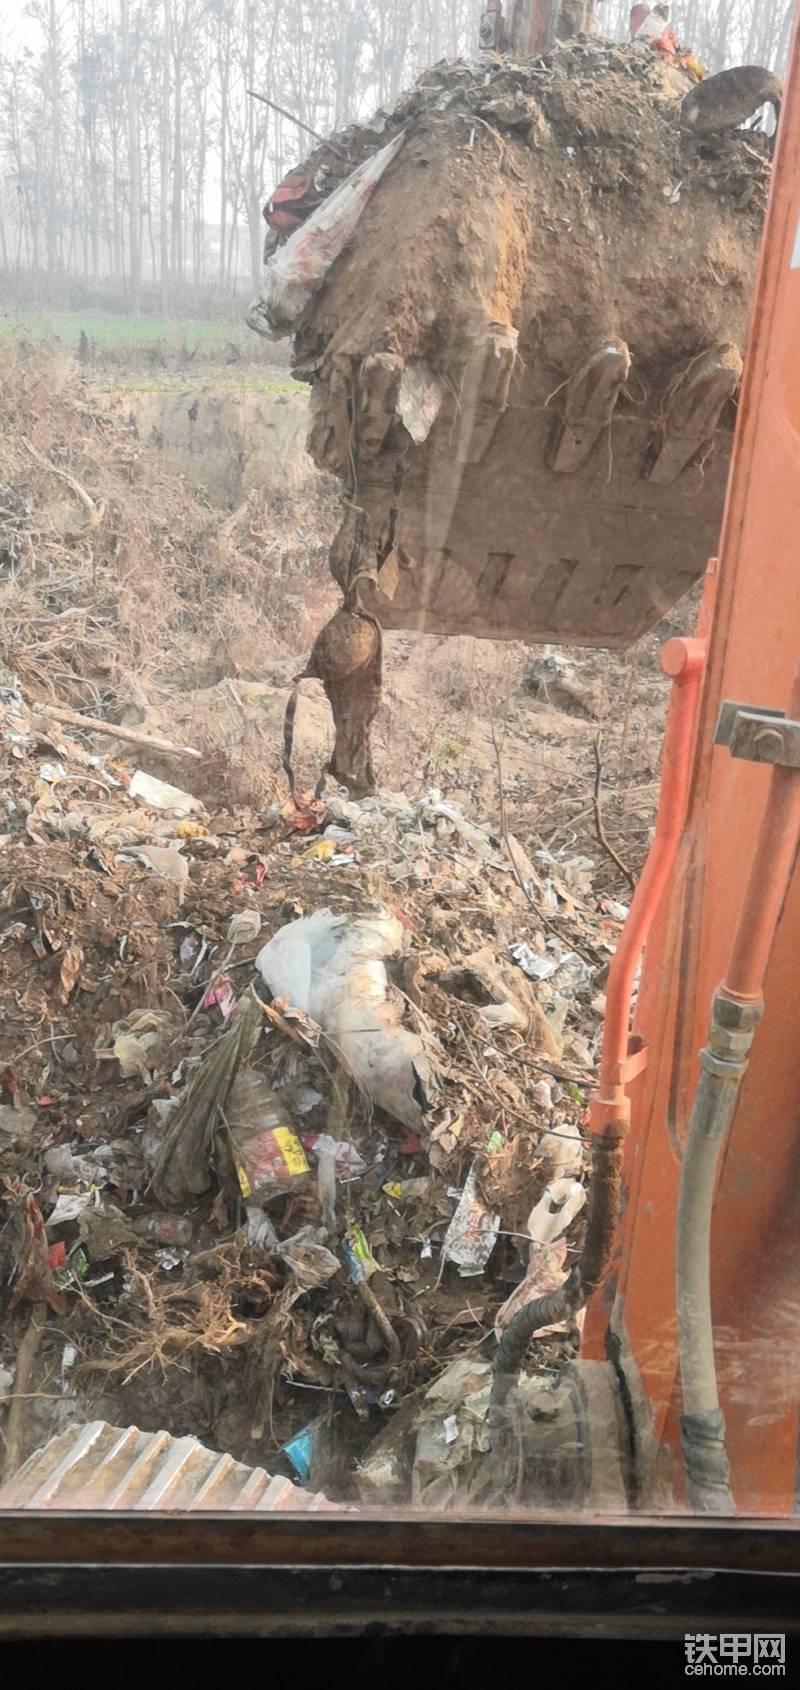 掩埋生活垃圾挖到的🤫